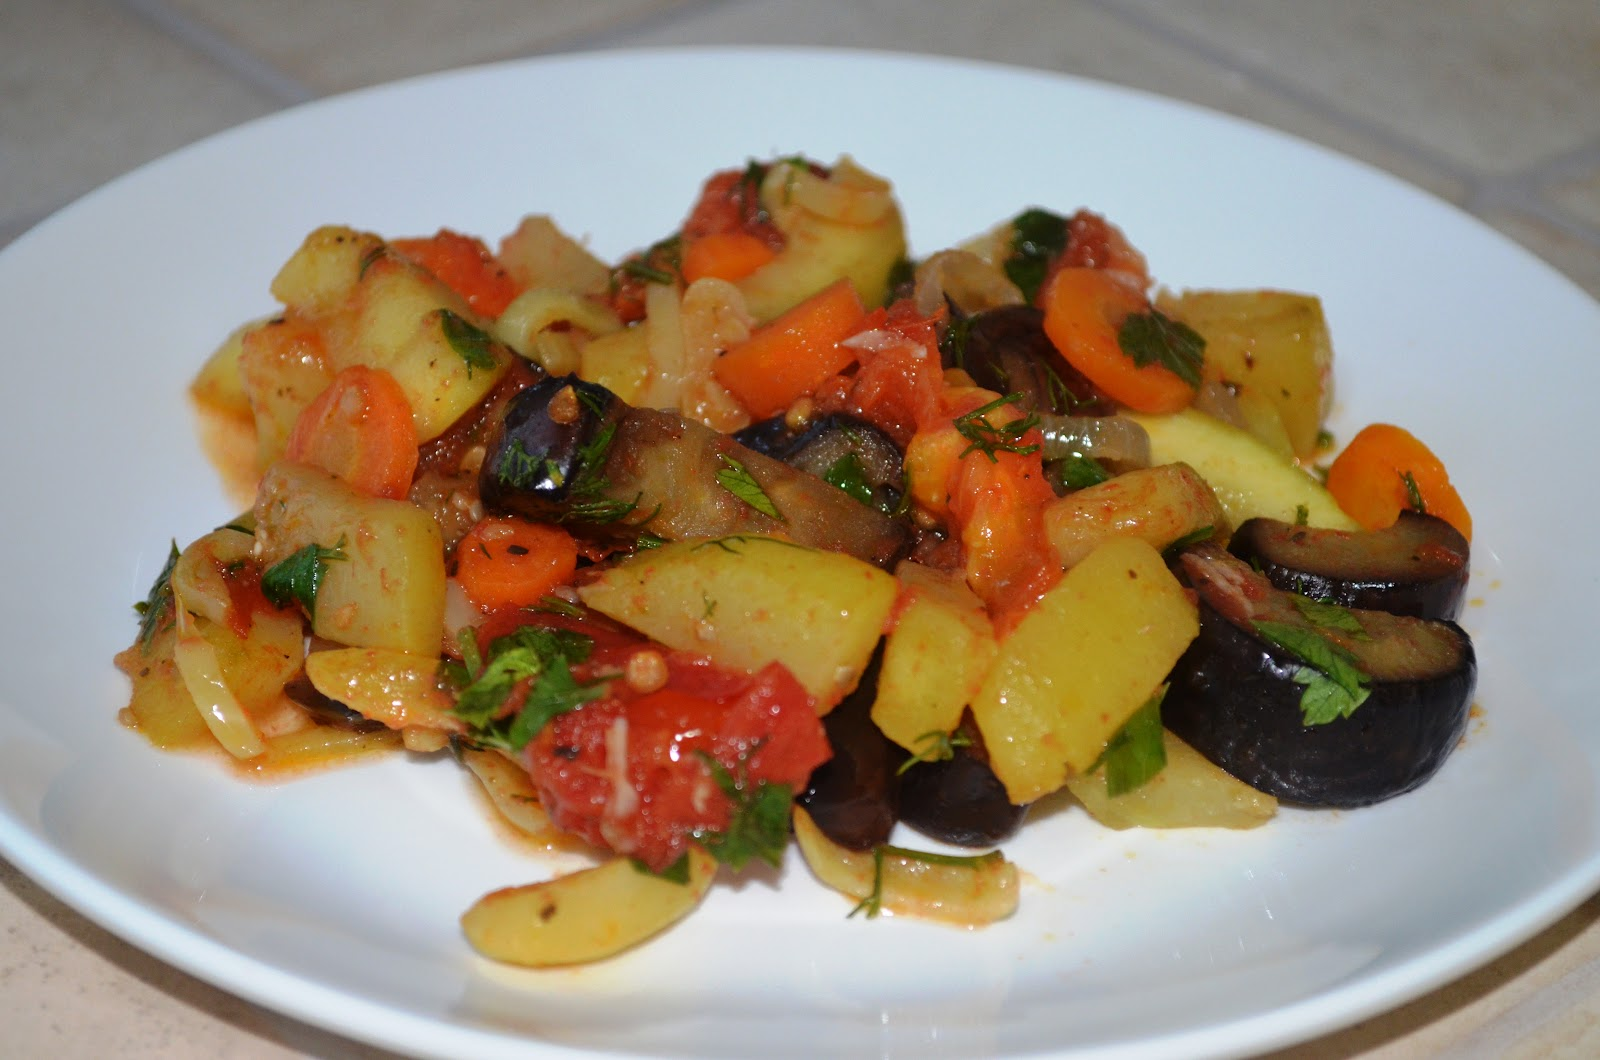 фото рецепт тушеных овощей сотэ слоями кружочками